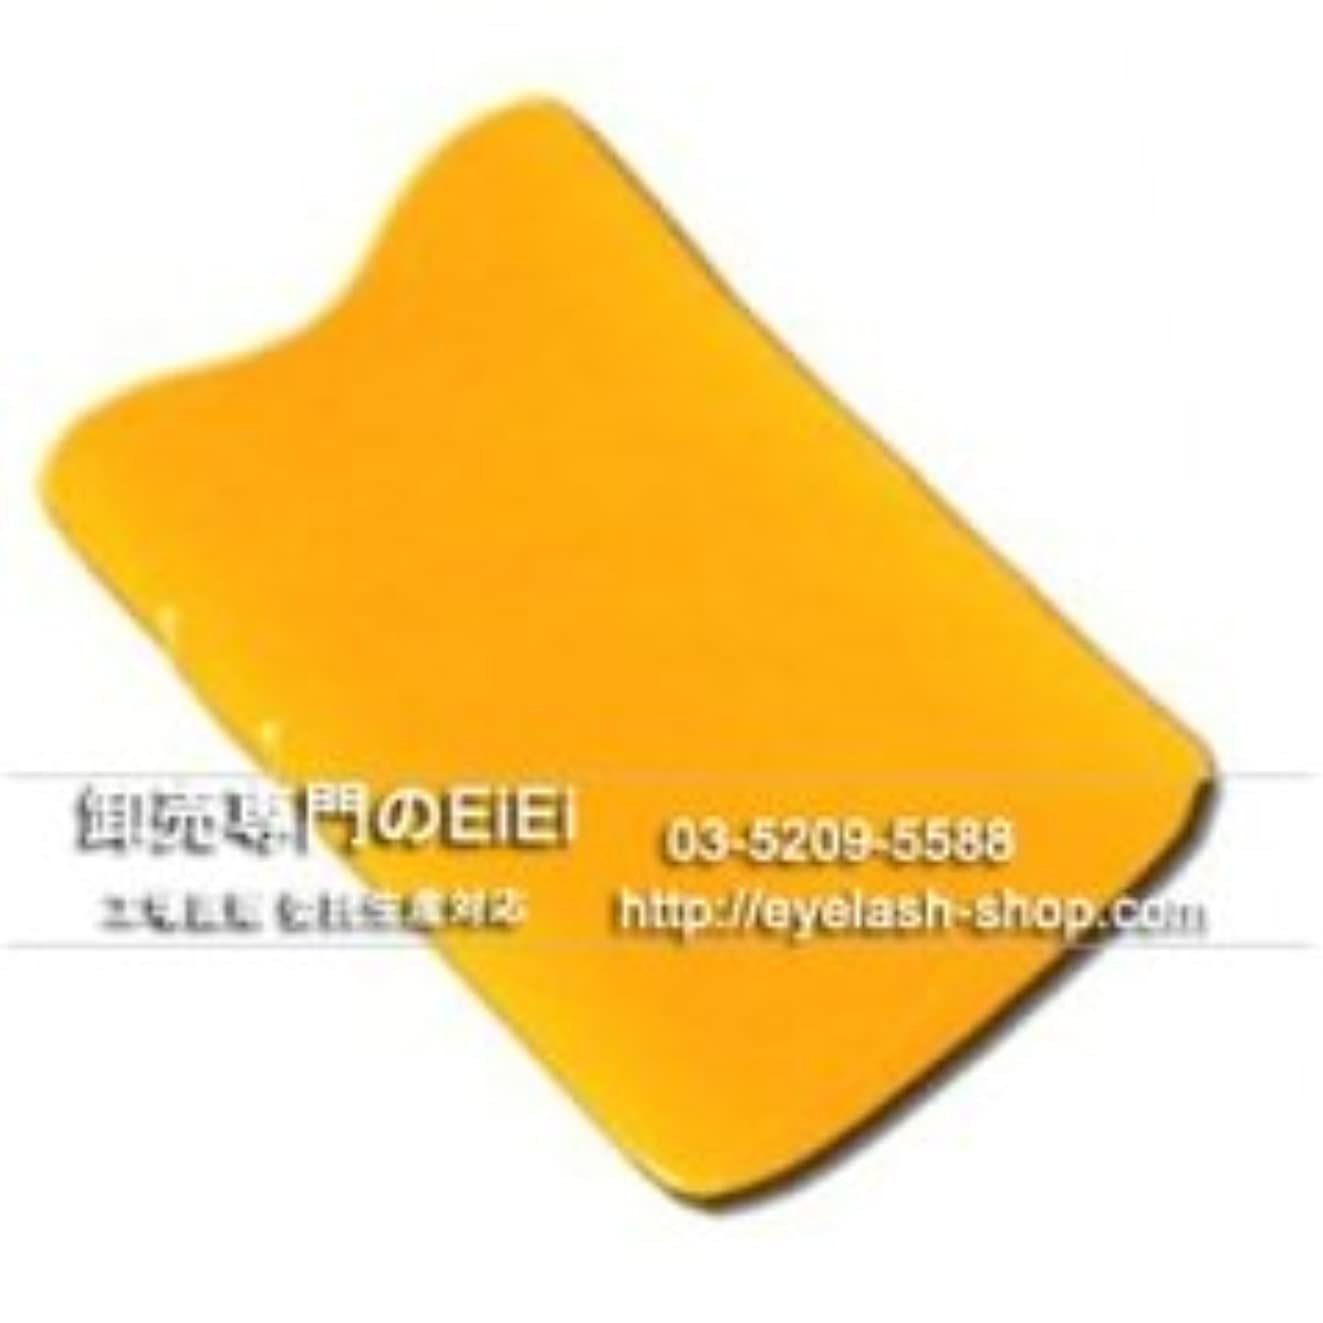 黄ばむずんぐりしたチートかっさ板 蜜蝋かっさプレート 美容マッサージかっさ板 グアシャ板 C-02